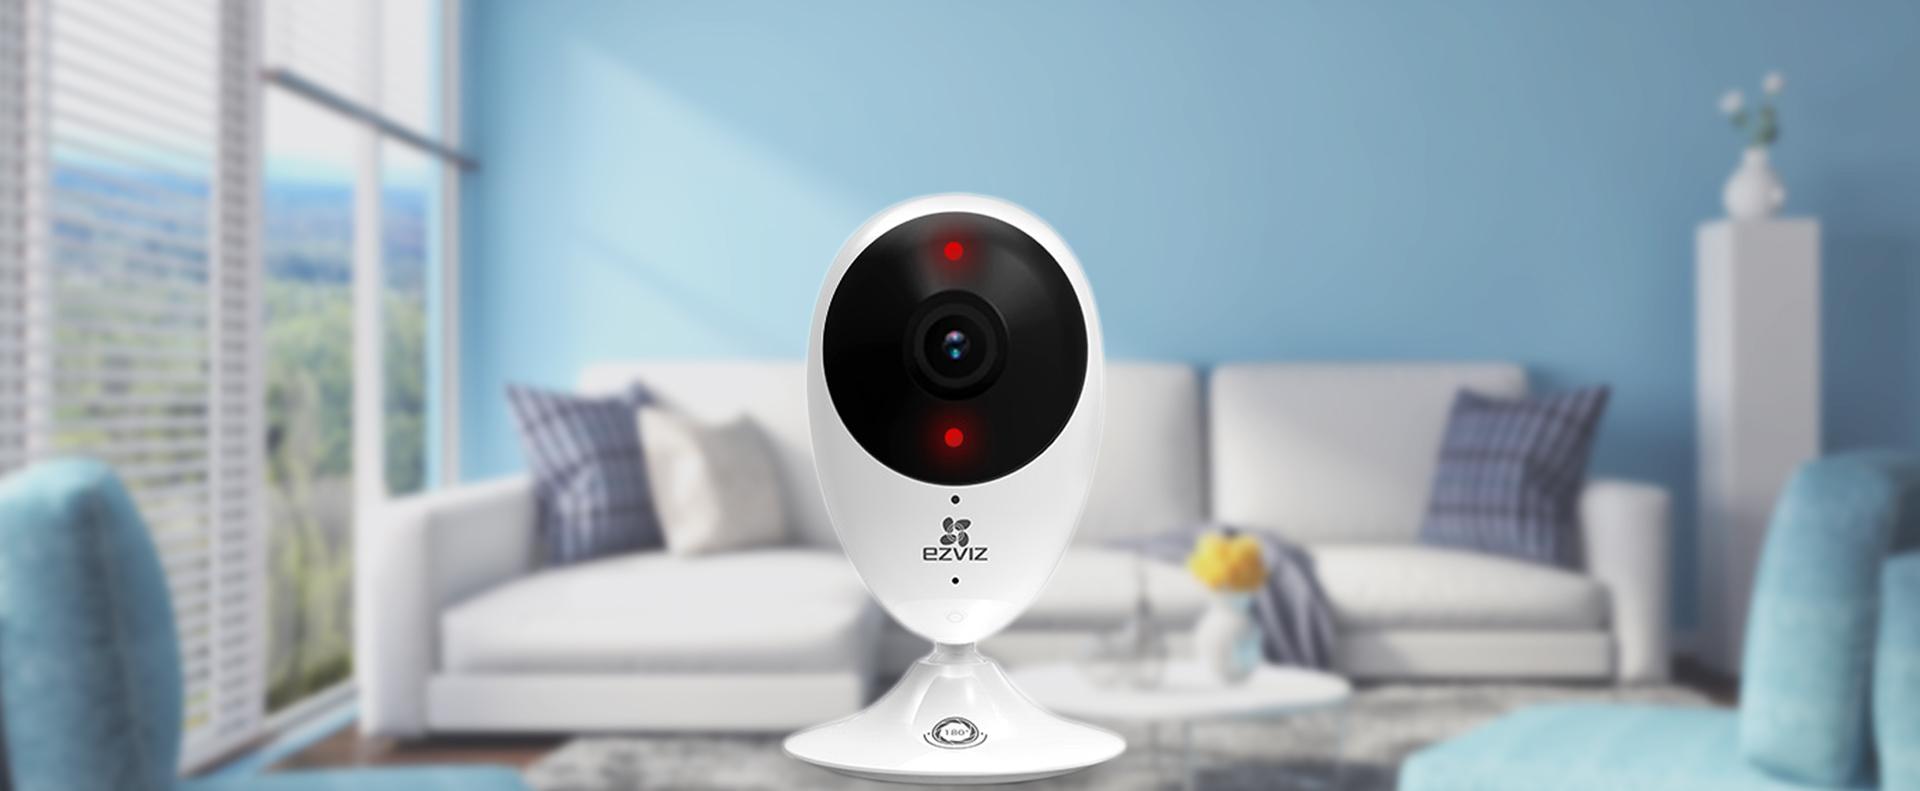 Camera wifi toàn cảnh trong nhà CS-CV206-A0-1B2W2FR 2.0M